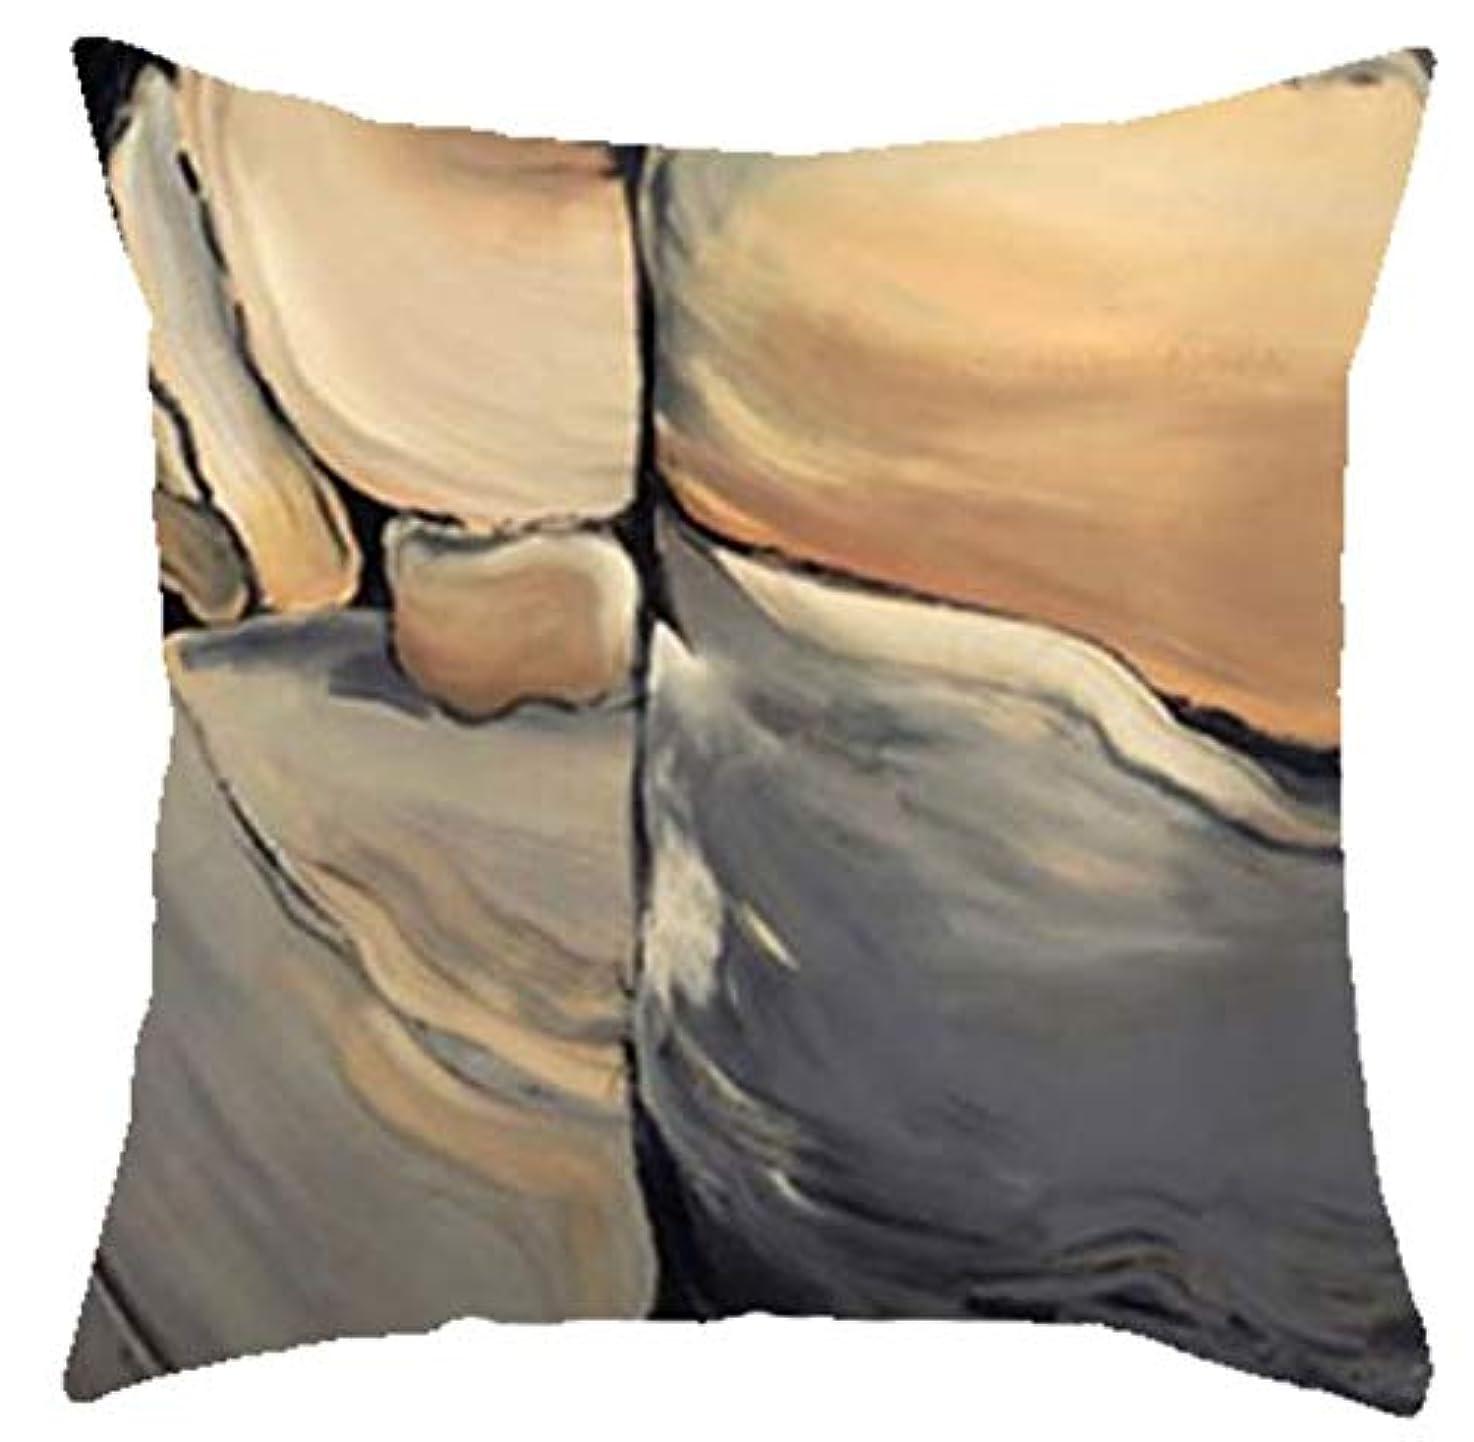 加速する保証くぼみLIFE 新入荷幾何学模様スロー枕クリエイティブ抽象大理石クッション手塗りの山の森リビングルームのソファ クッション 椅子